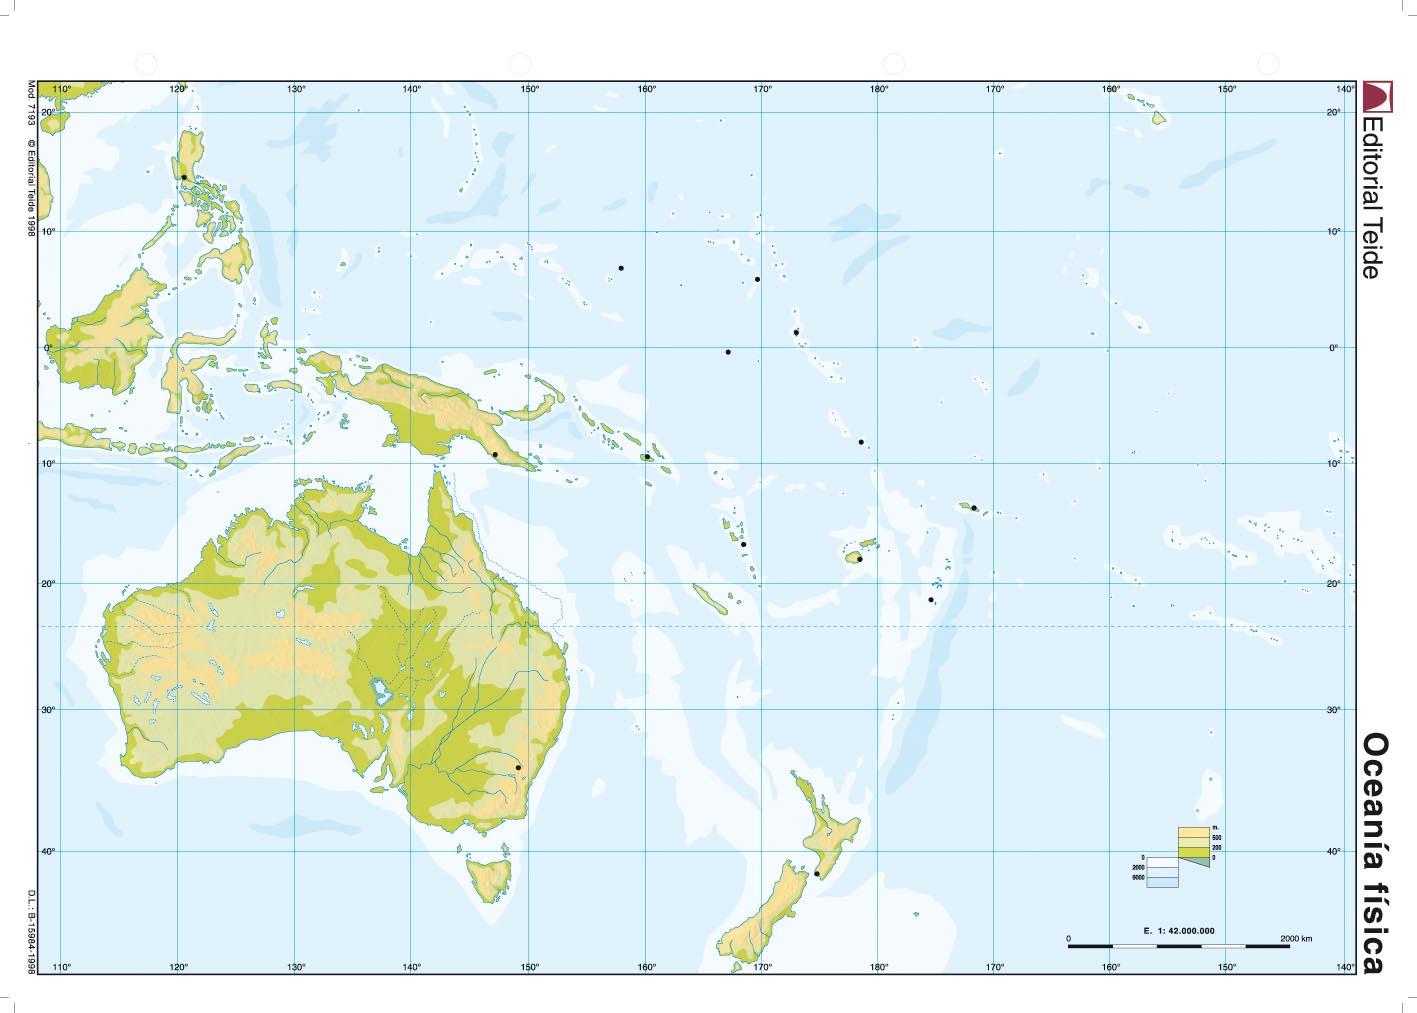 Mapa Politico Oceania Interactivo.Juegos De Geografia Juego De Oceania Relieve Y Mas Cerebriti